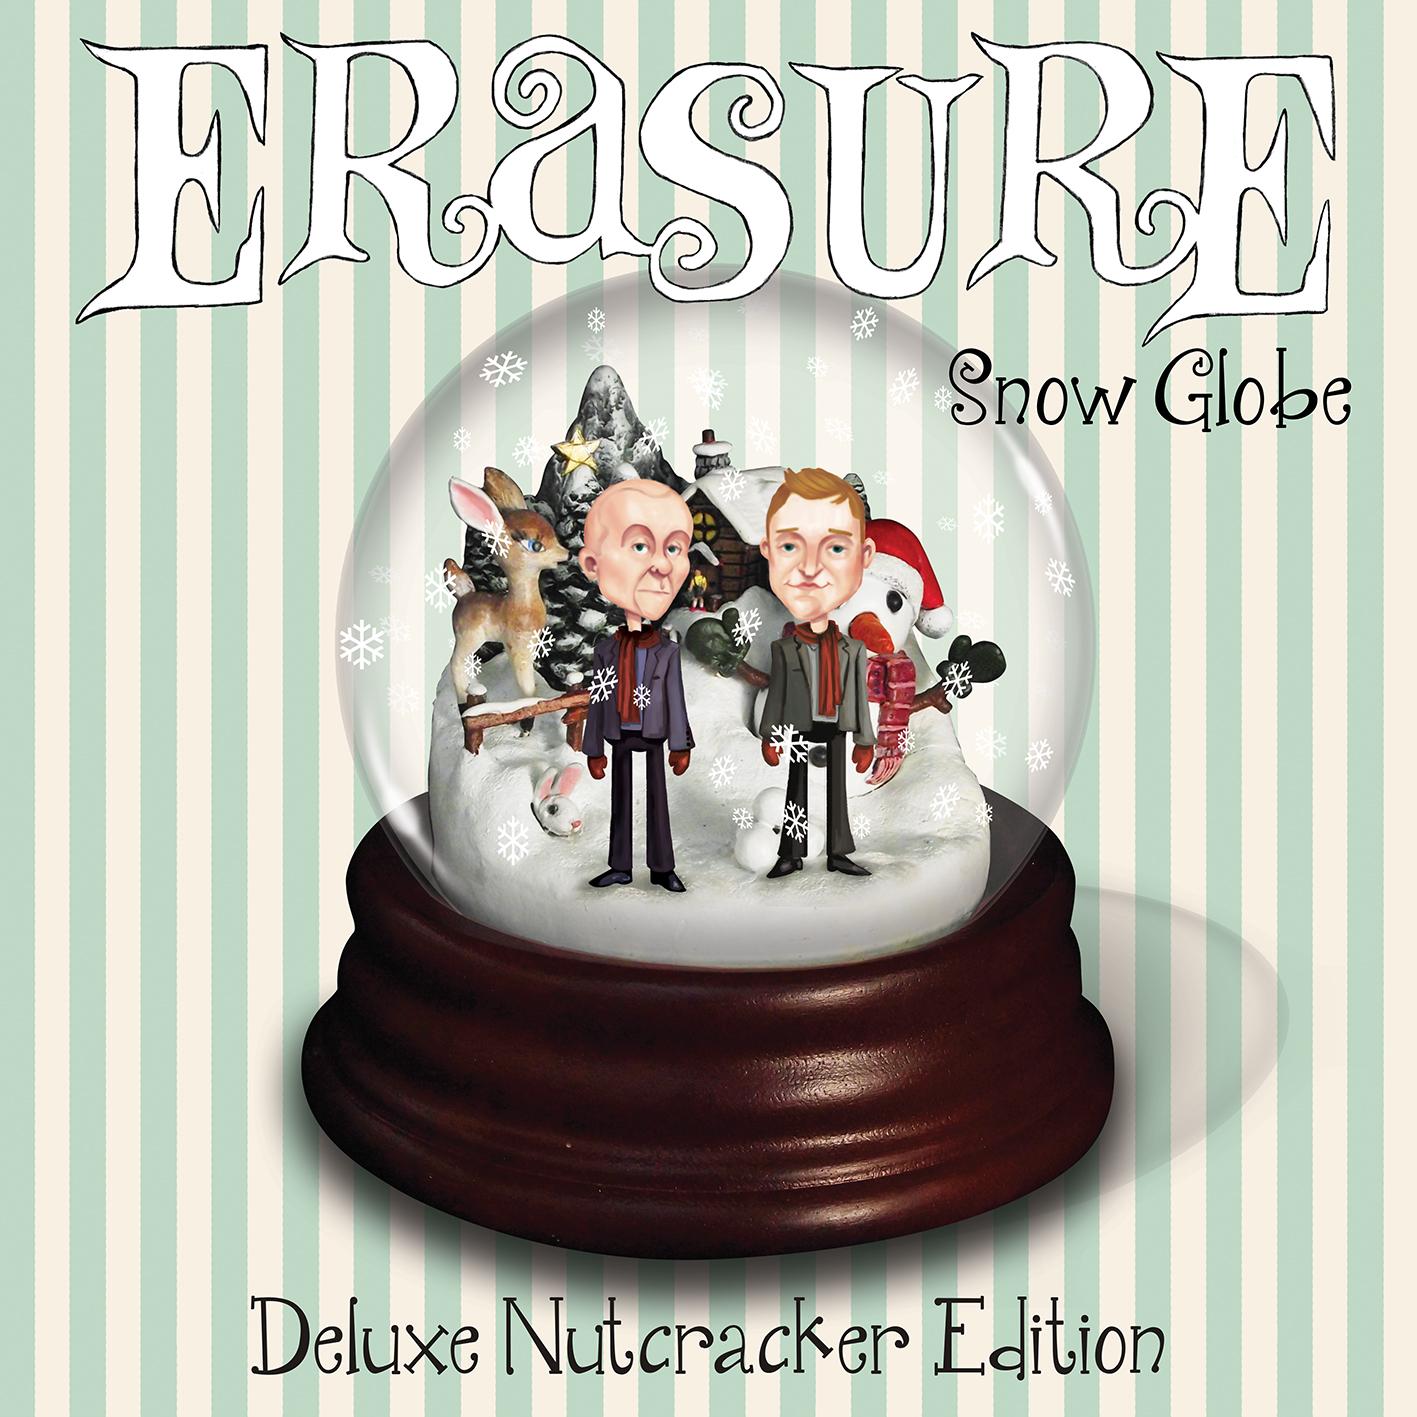 Mute Erasure Announce The Deluxe Nutcracker Snow Globe